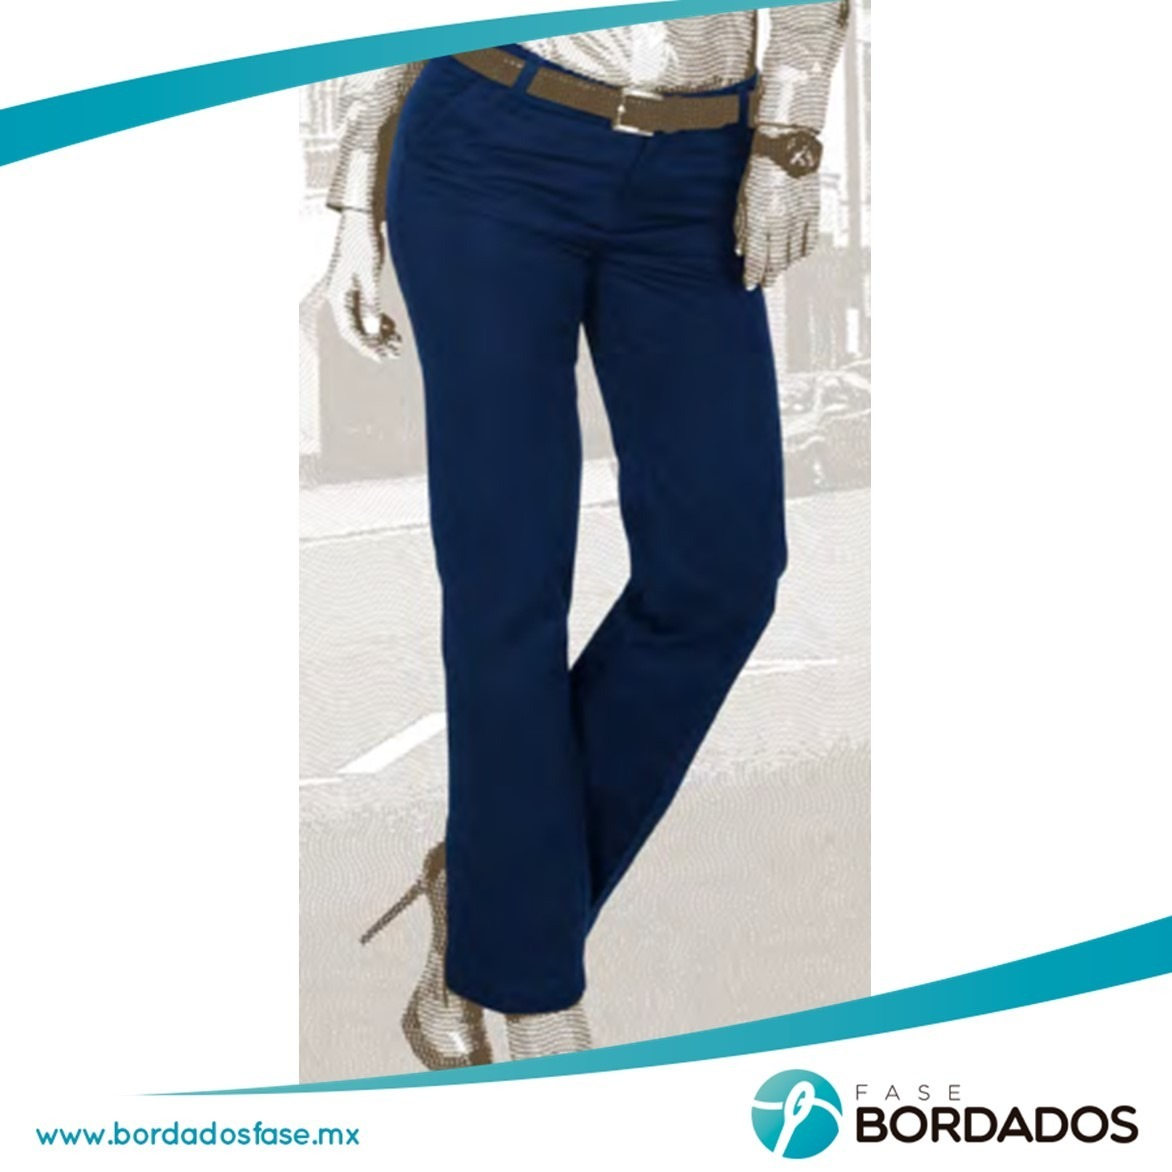 Pantalón Stretch Jeans Dama Gabardina - $ 229.00 en Mercado Libre